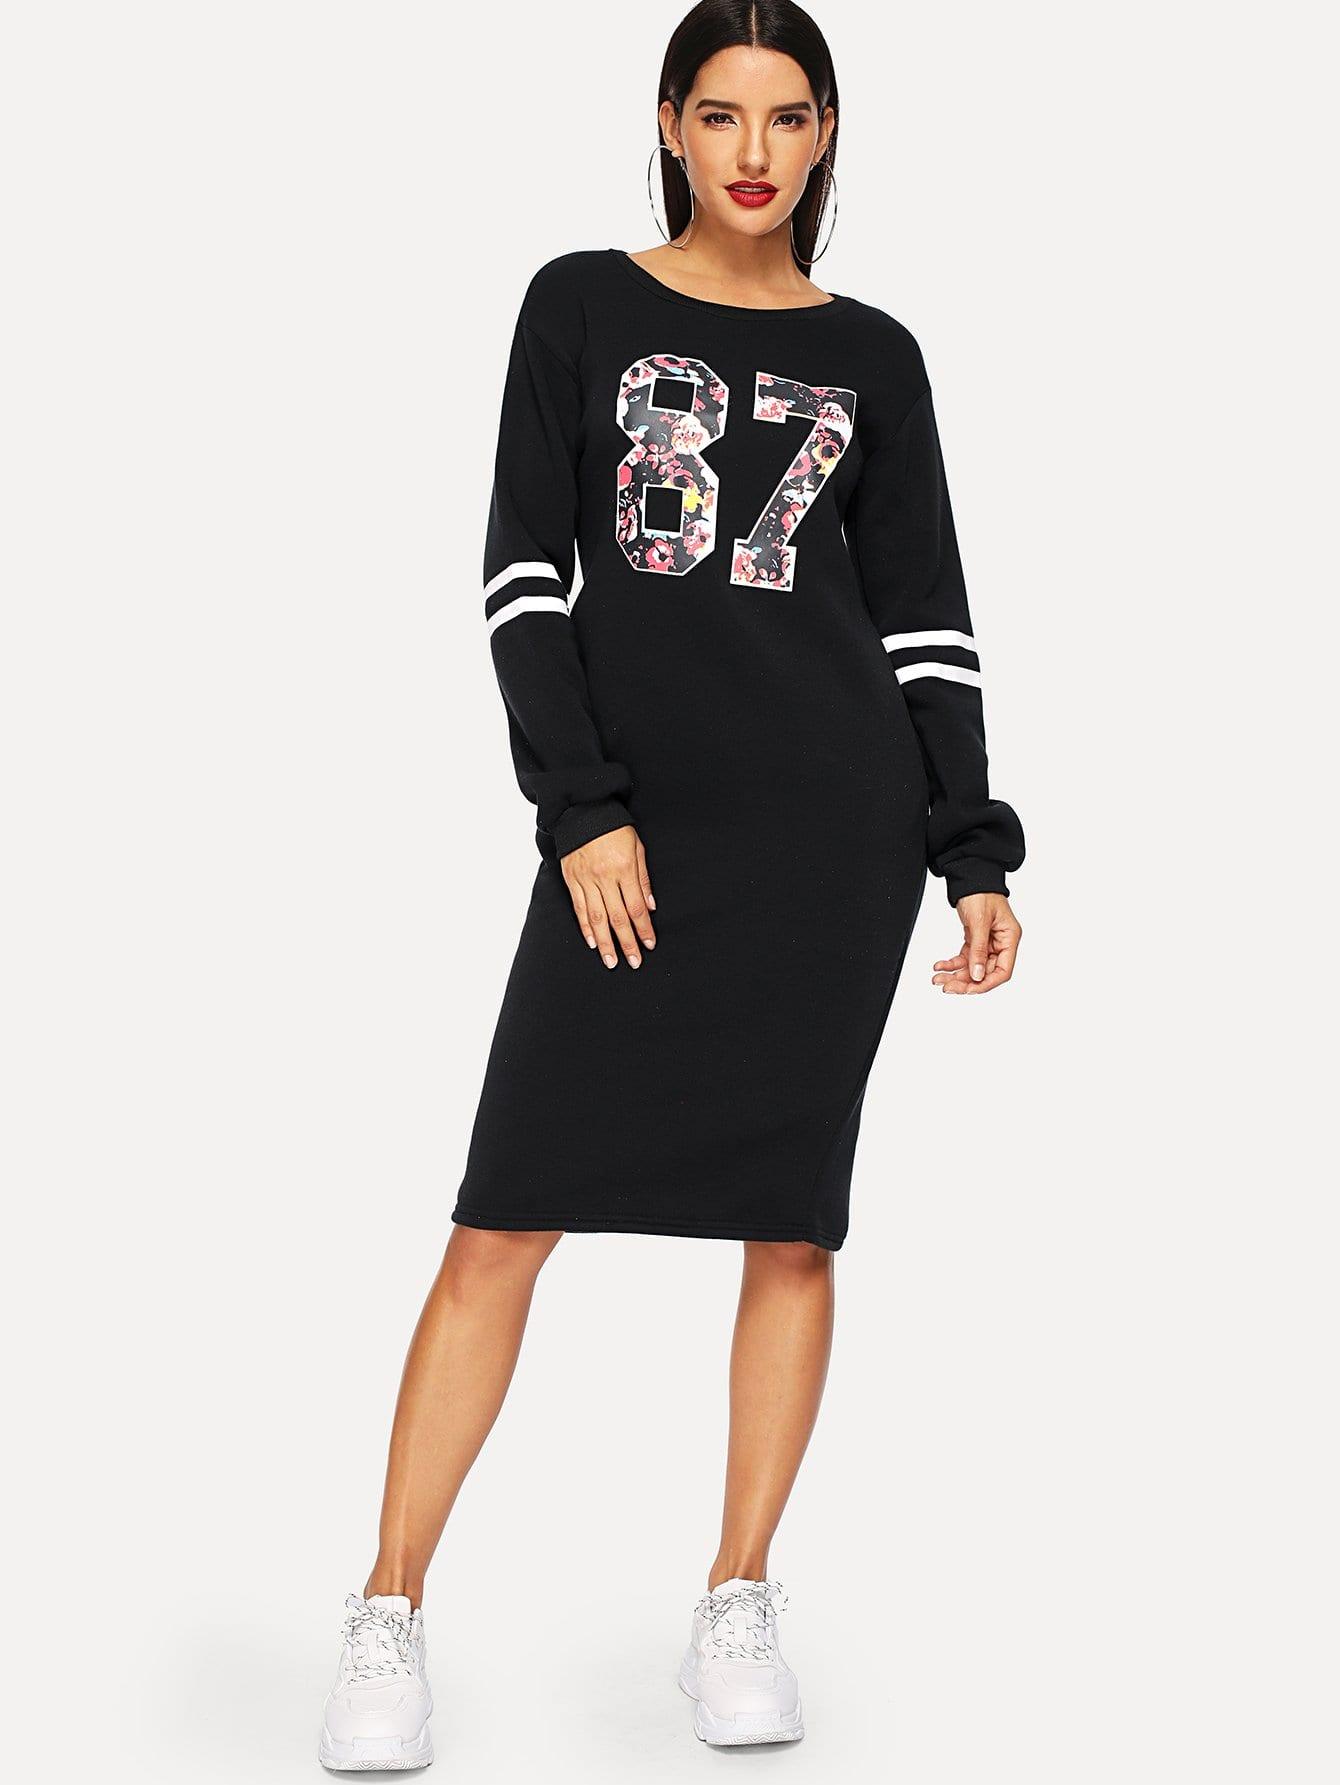 Купить Чёрное платье-свитшот с принтом с молнией на спине, Juliana, SheIn